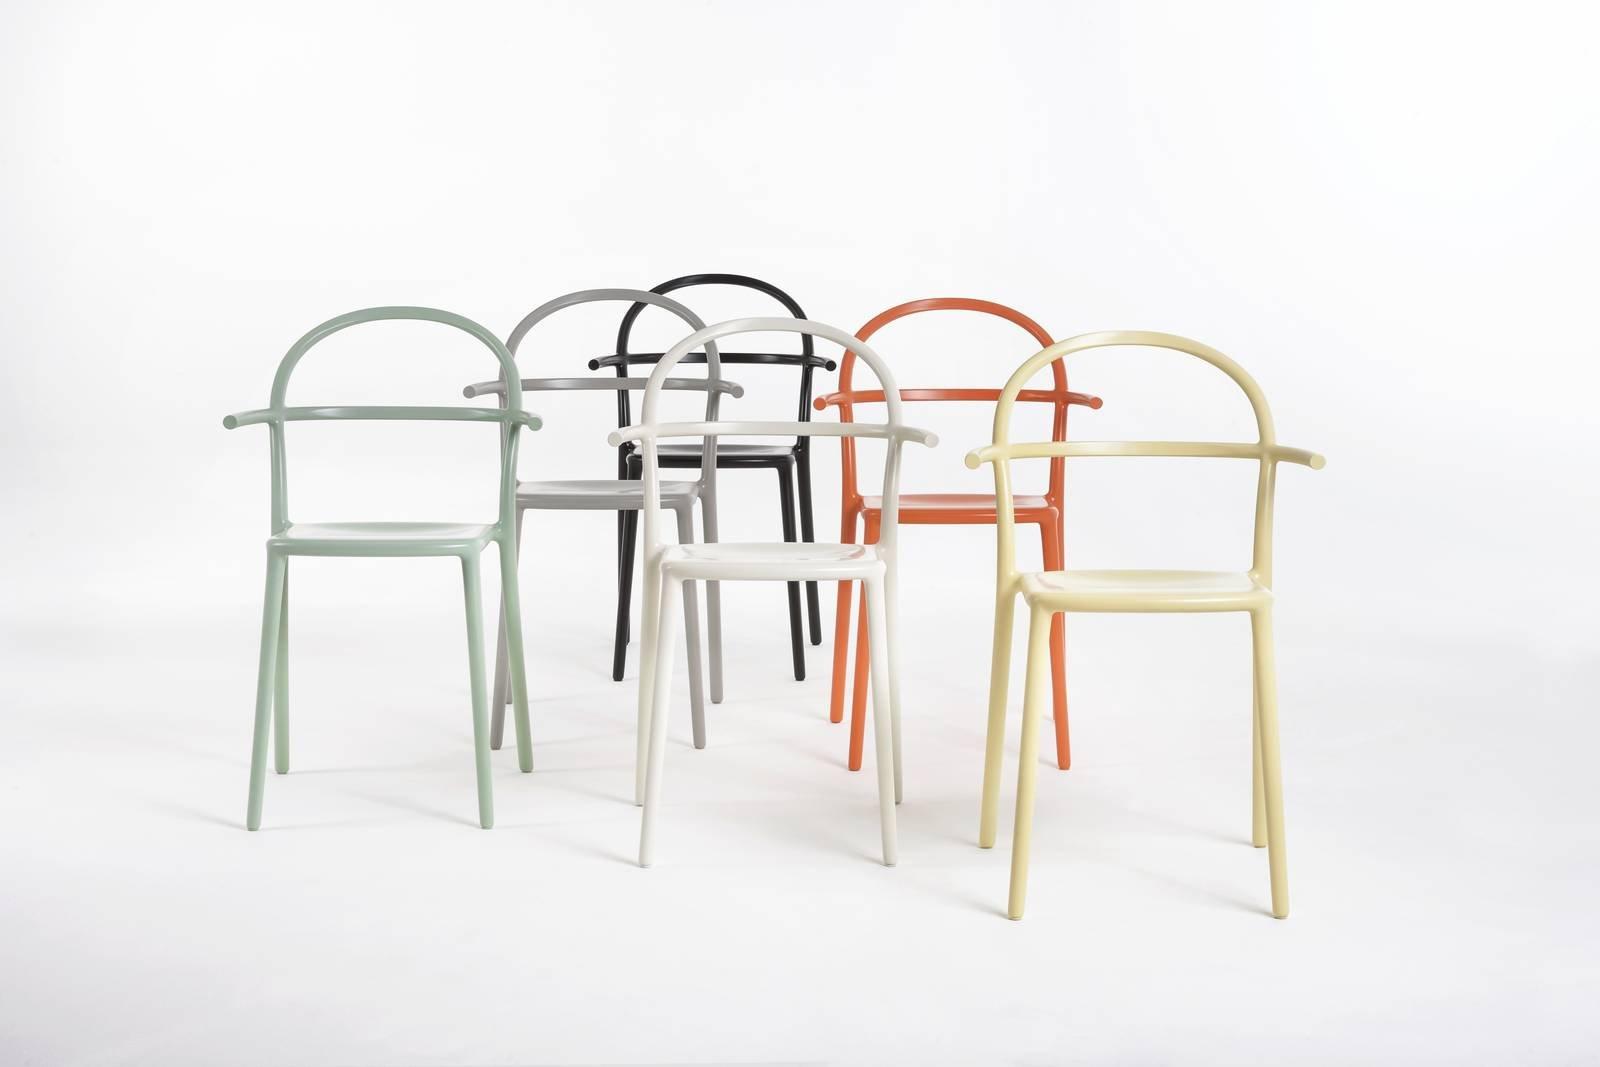 Le nuove sedie e poltroncine al salone del mobile 2017 for Sedie design kartell